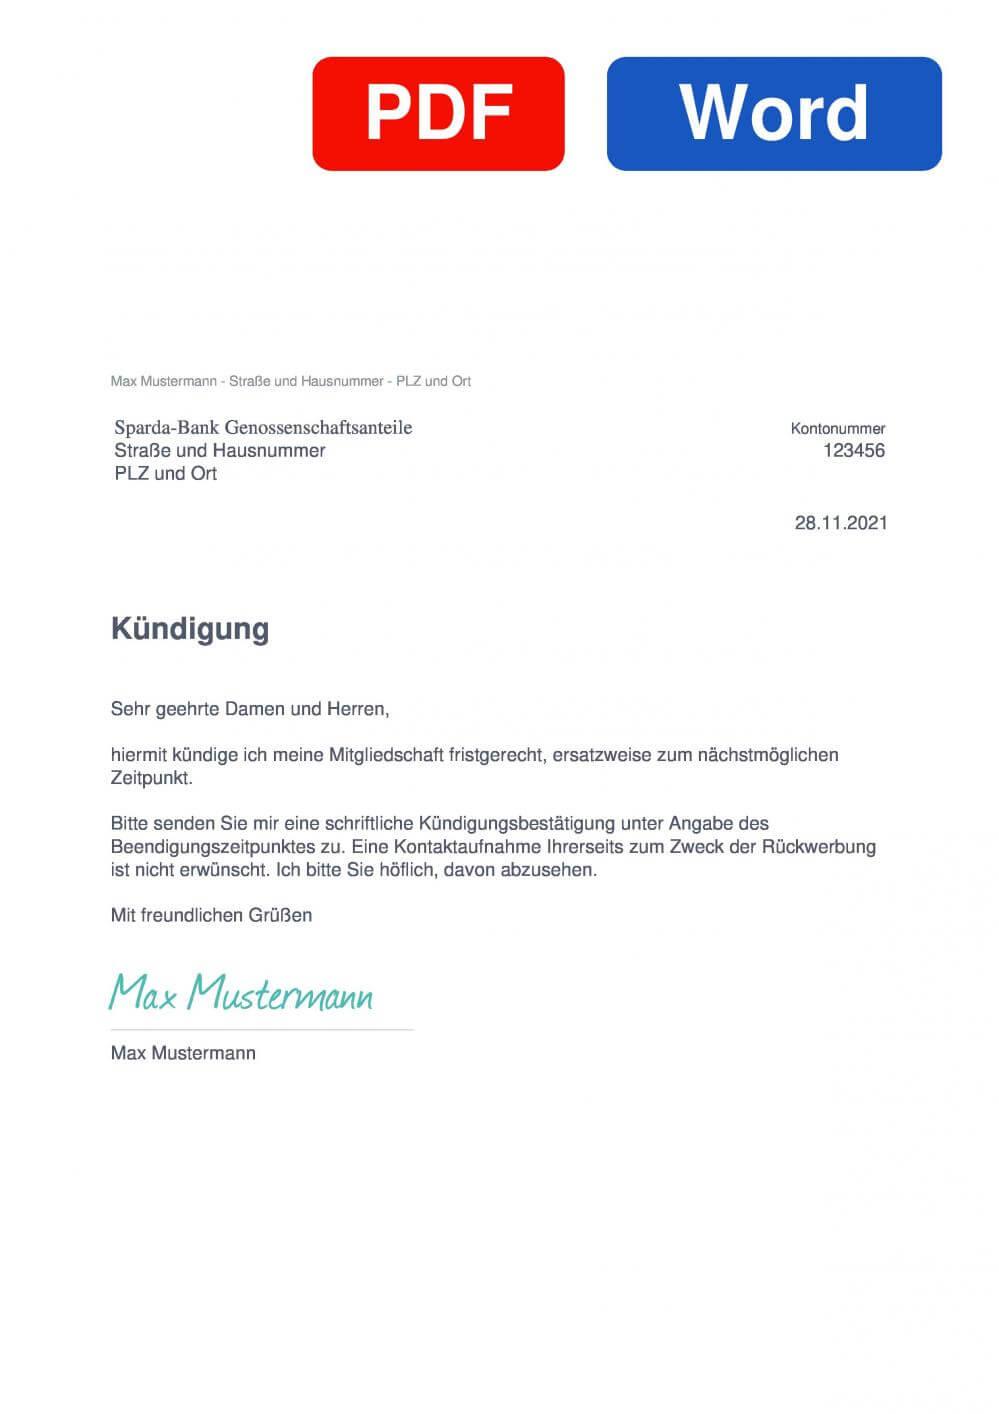 Sparda-Bank Genossenschaftsanteile Muster Vorlage für Kündigungsschreiben